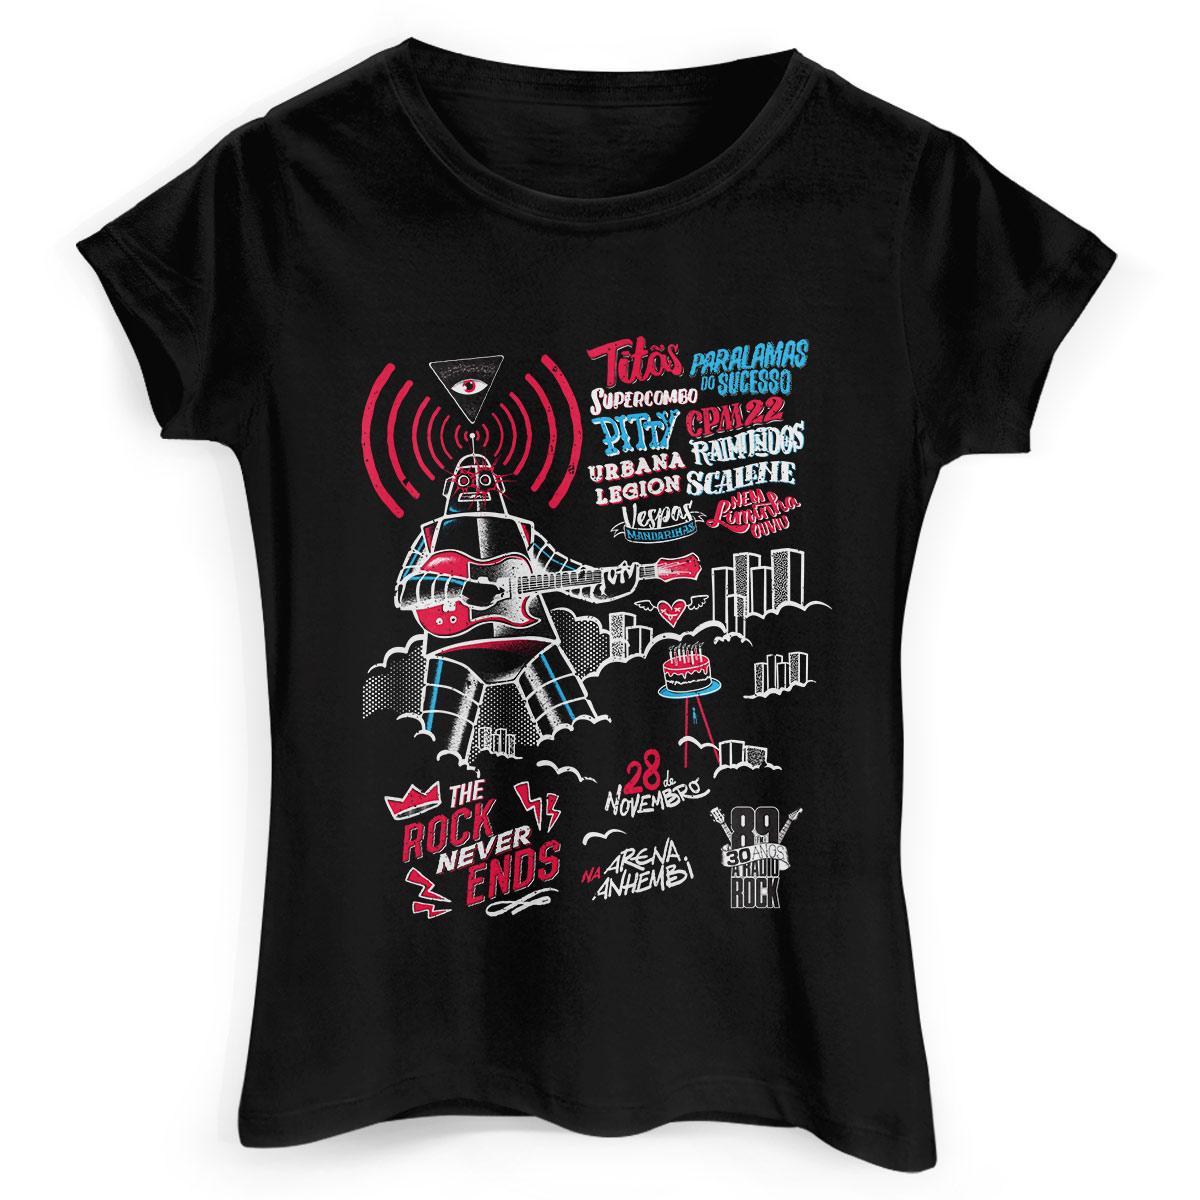 Camiseta Feminina 89FM A Rádio Rock 30 Anos Pôster